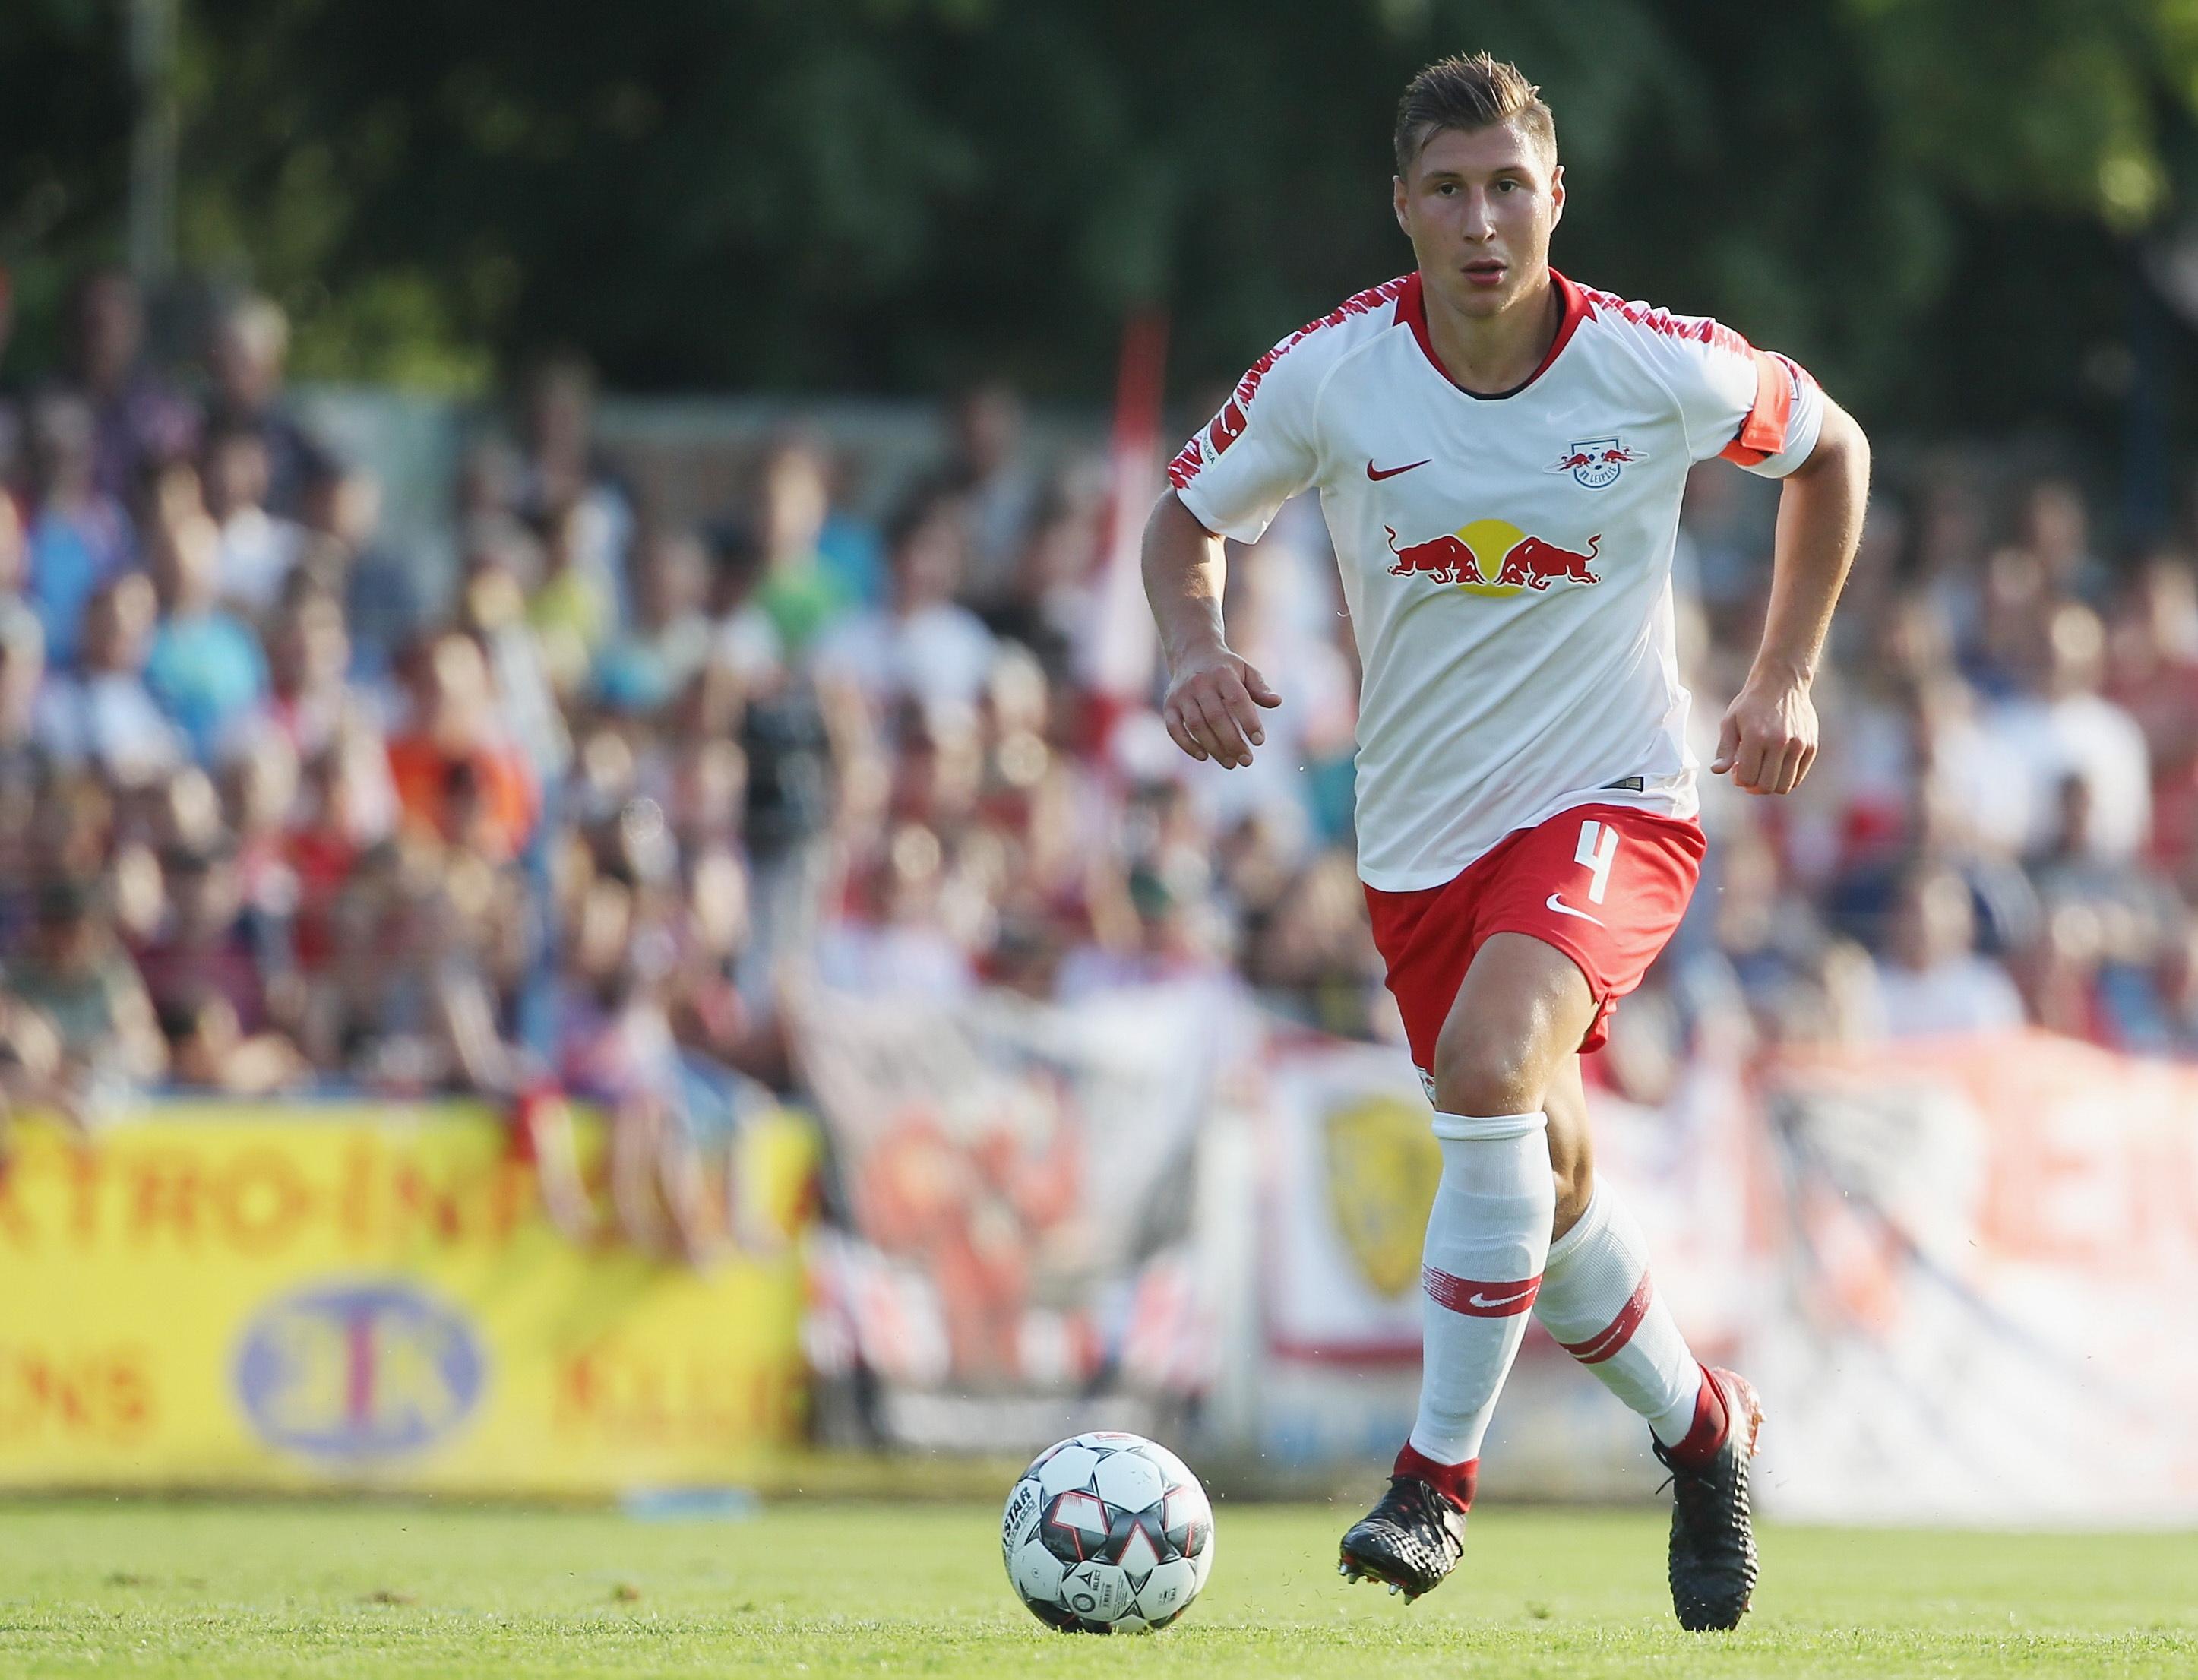 Angelino négy perc alatt duplázott, simán nyert az RB Leipzig a Basaksehir ellen